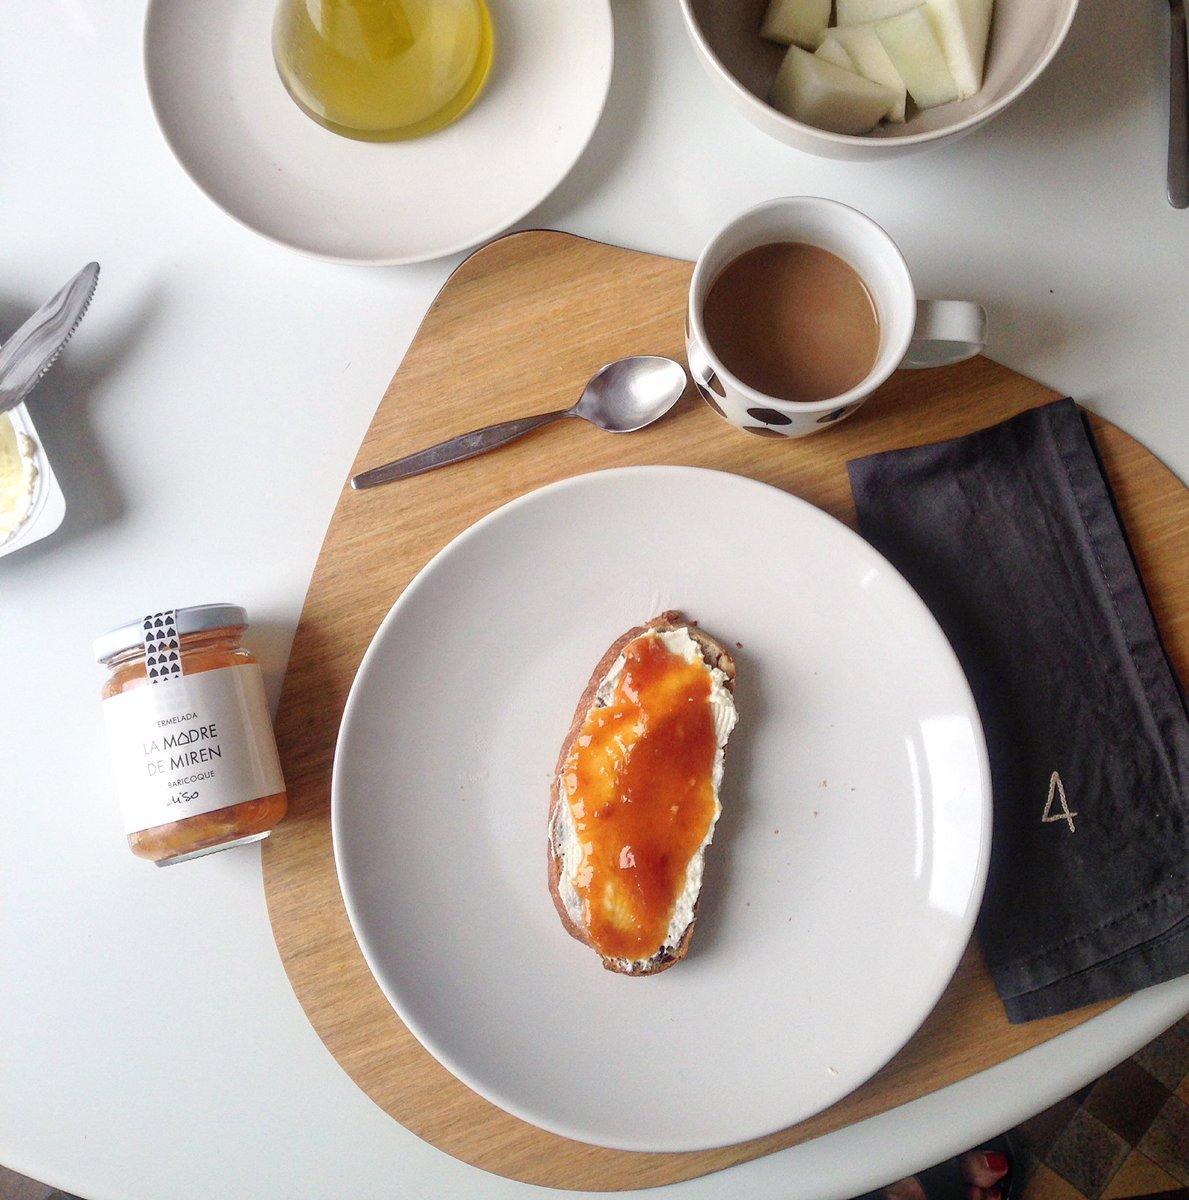 Mermelada de Albaricoque y Miso, nuevo sabor para el especial Japón #allthosefoodmarket. #umami #artisanjambarcelona #lamadredemiren